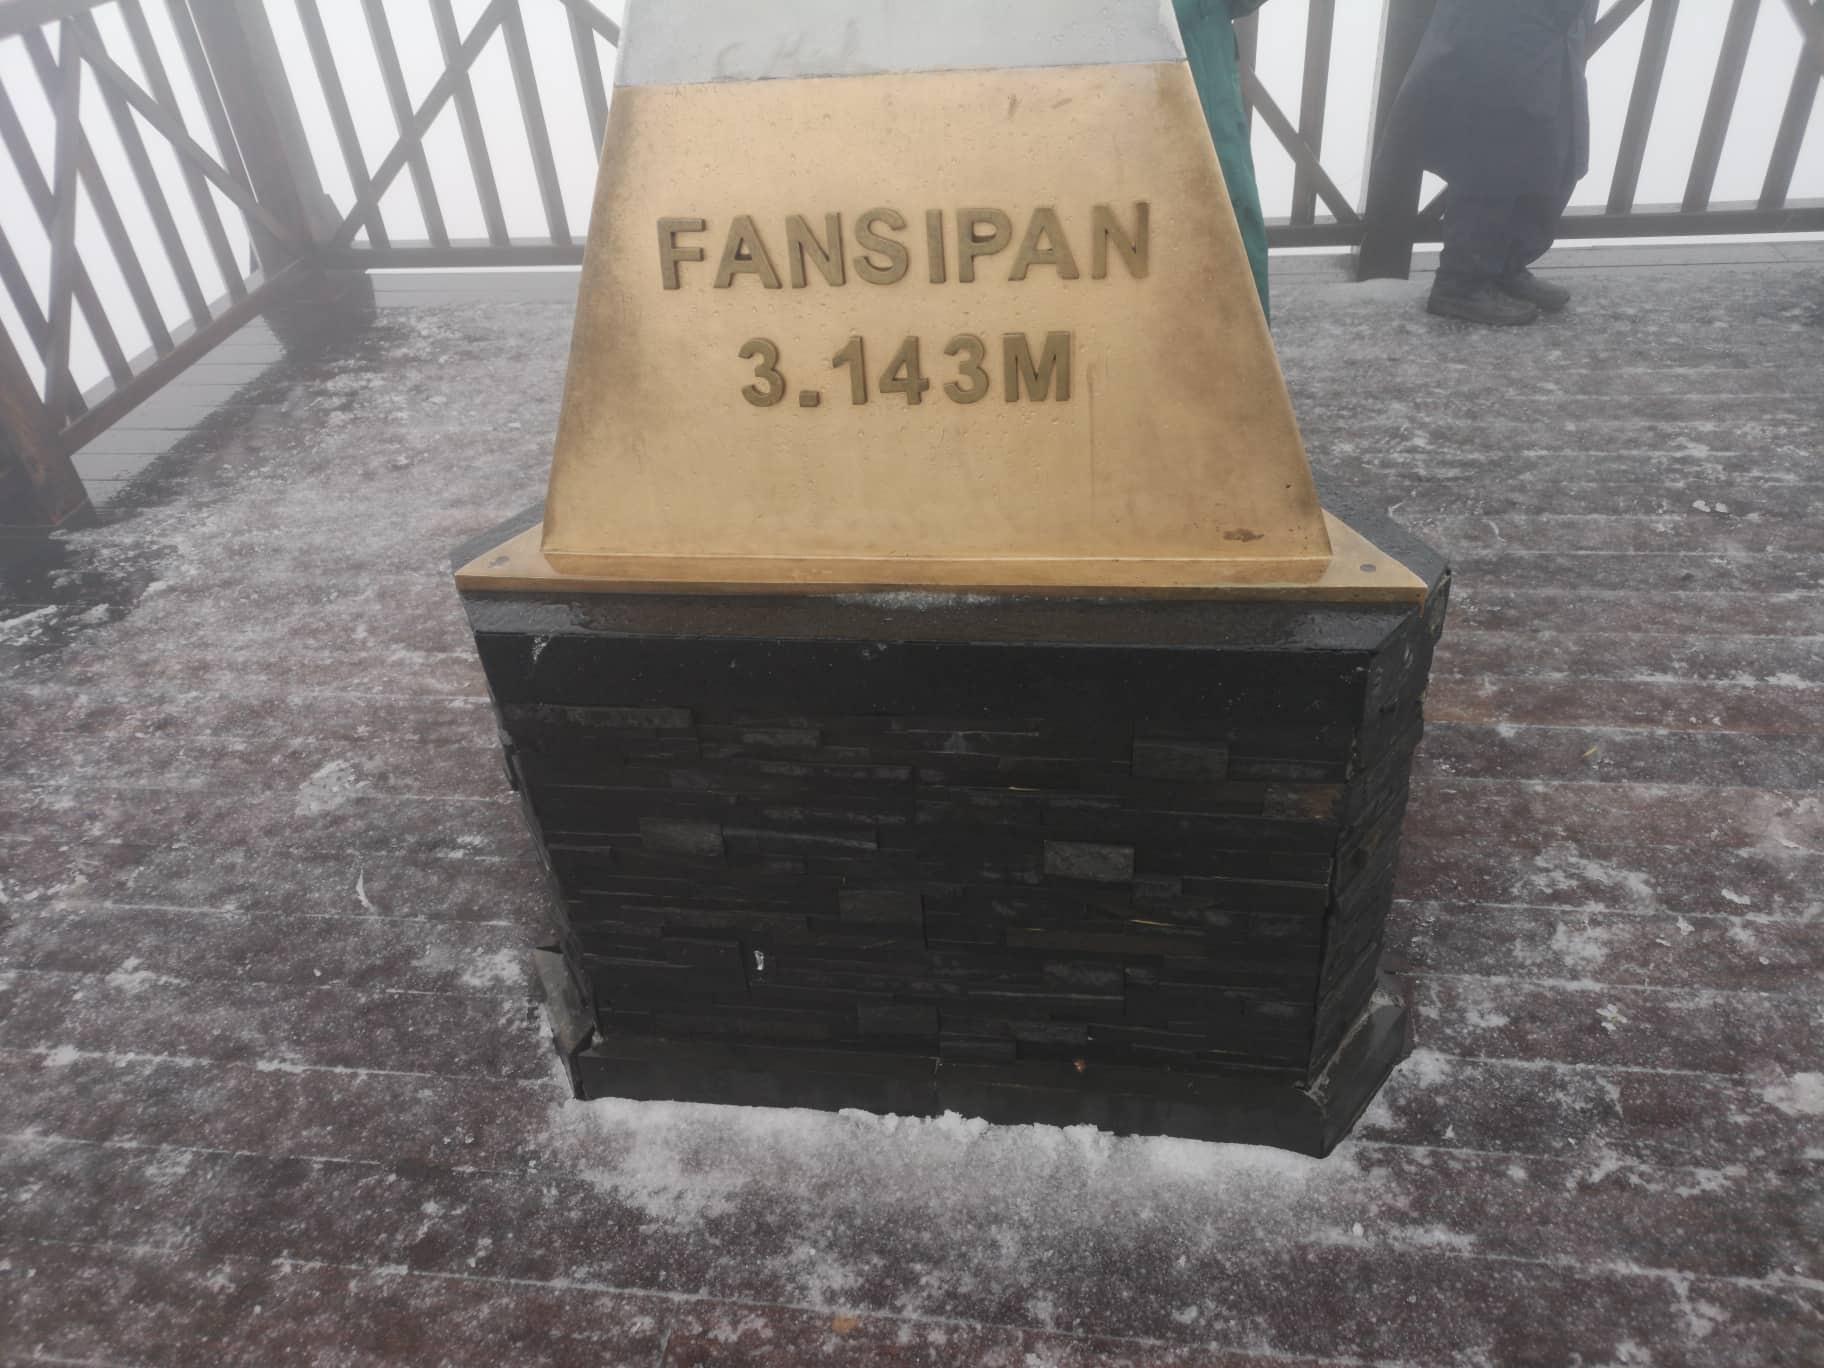 Tuyet bat ngo roi tren dinh Fansipan sang nay hinh anh 1